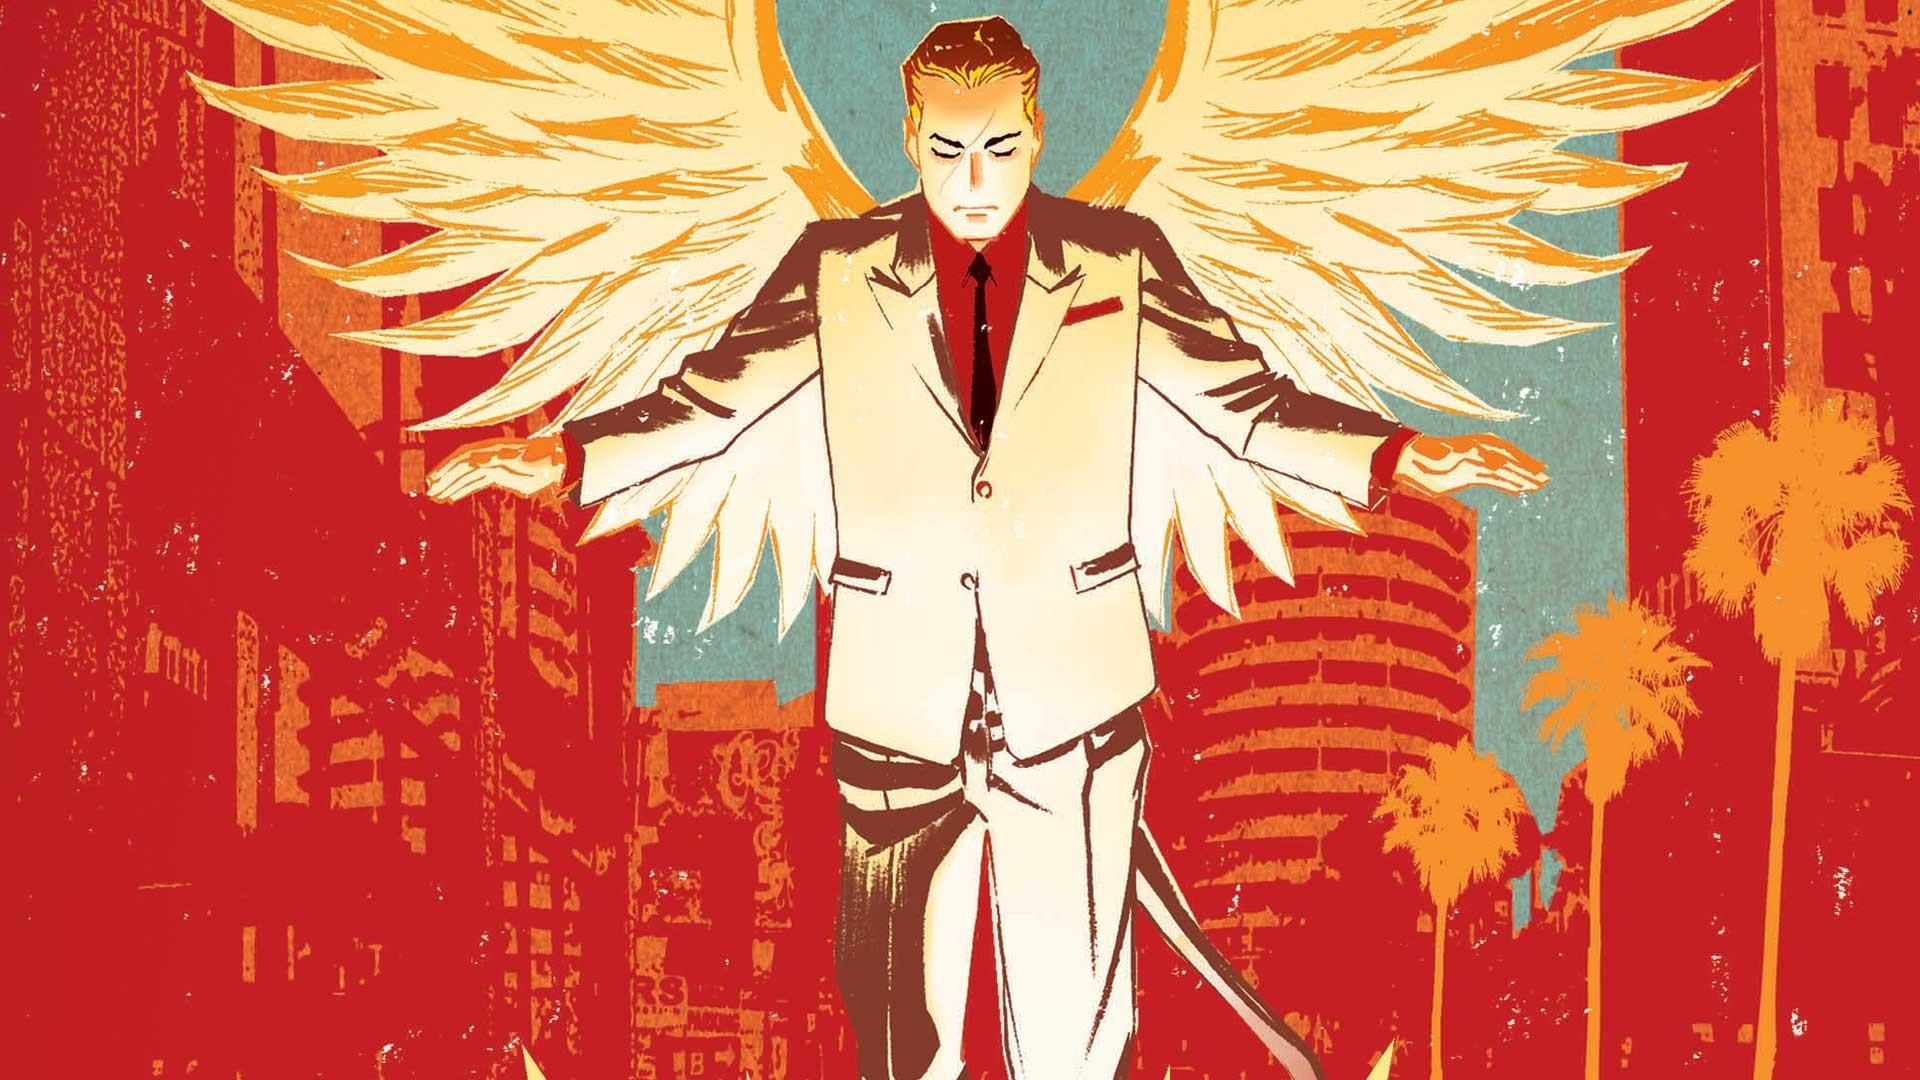 Lucifer wallpaper